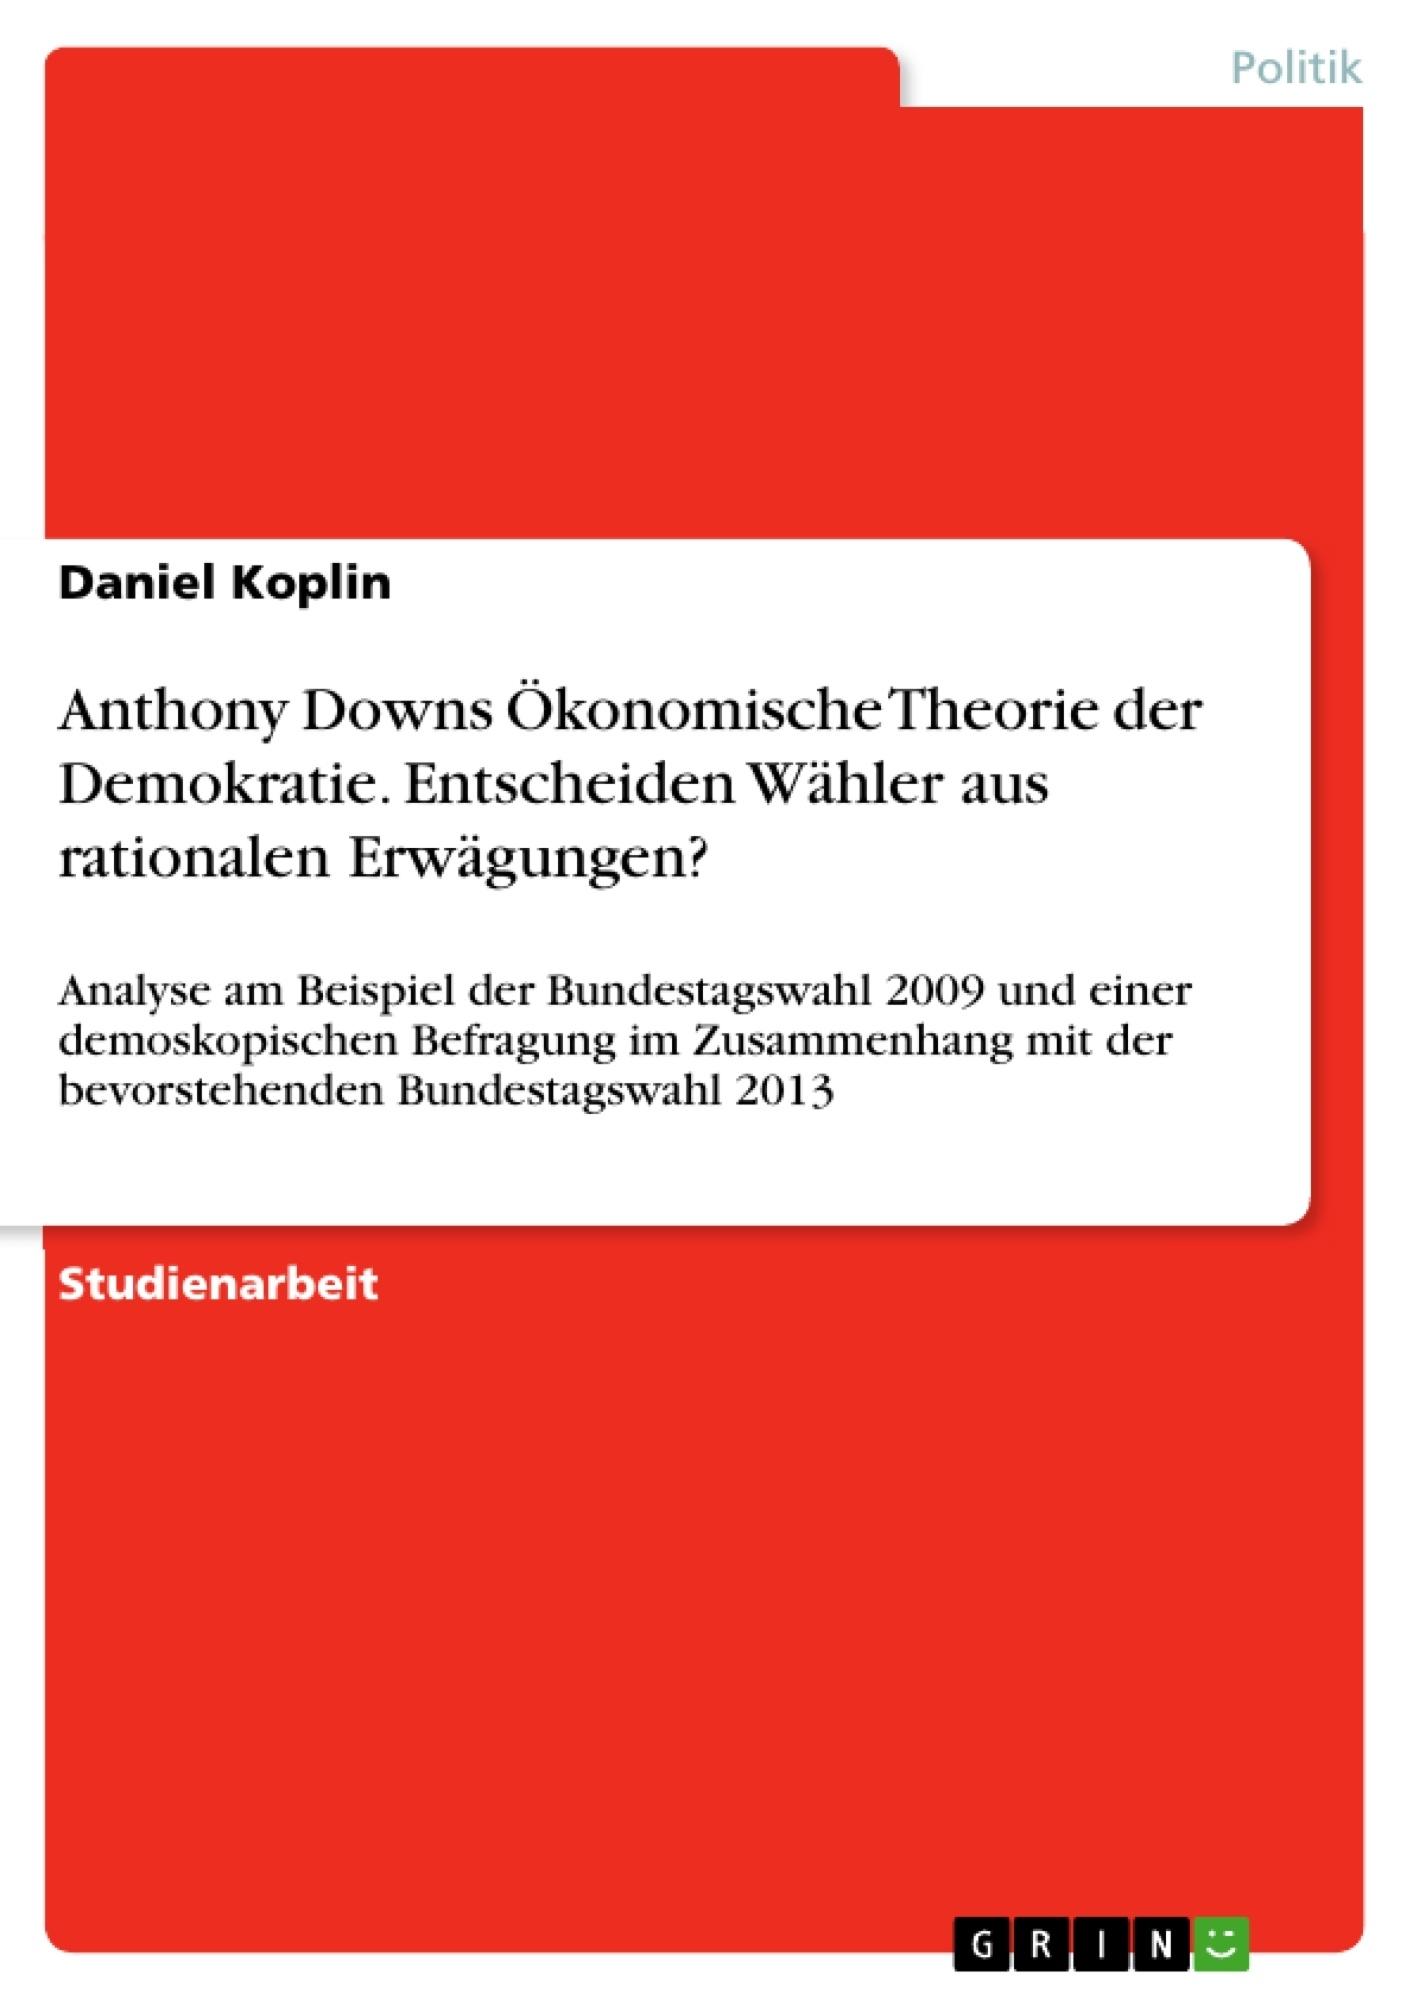 Titel: Anthony Downs Ökonomische Theorie der Demokratie. Entscheiden Wähler aus rationalen Erwägungen?